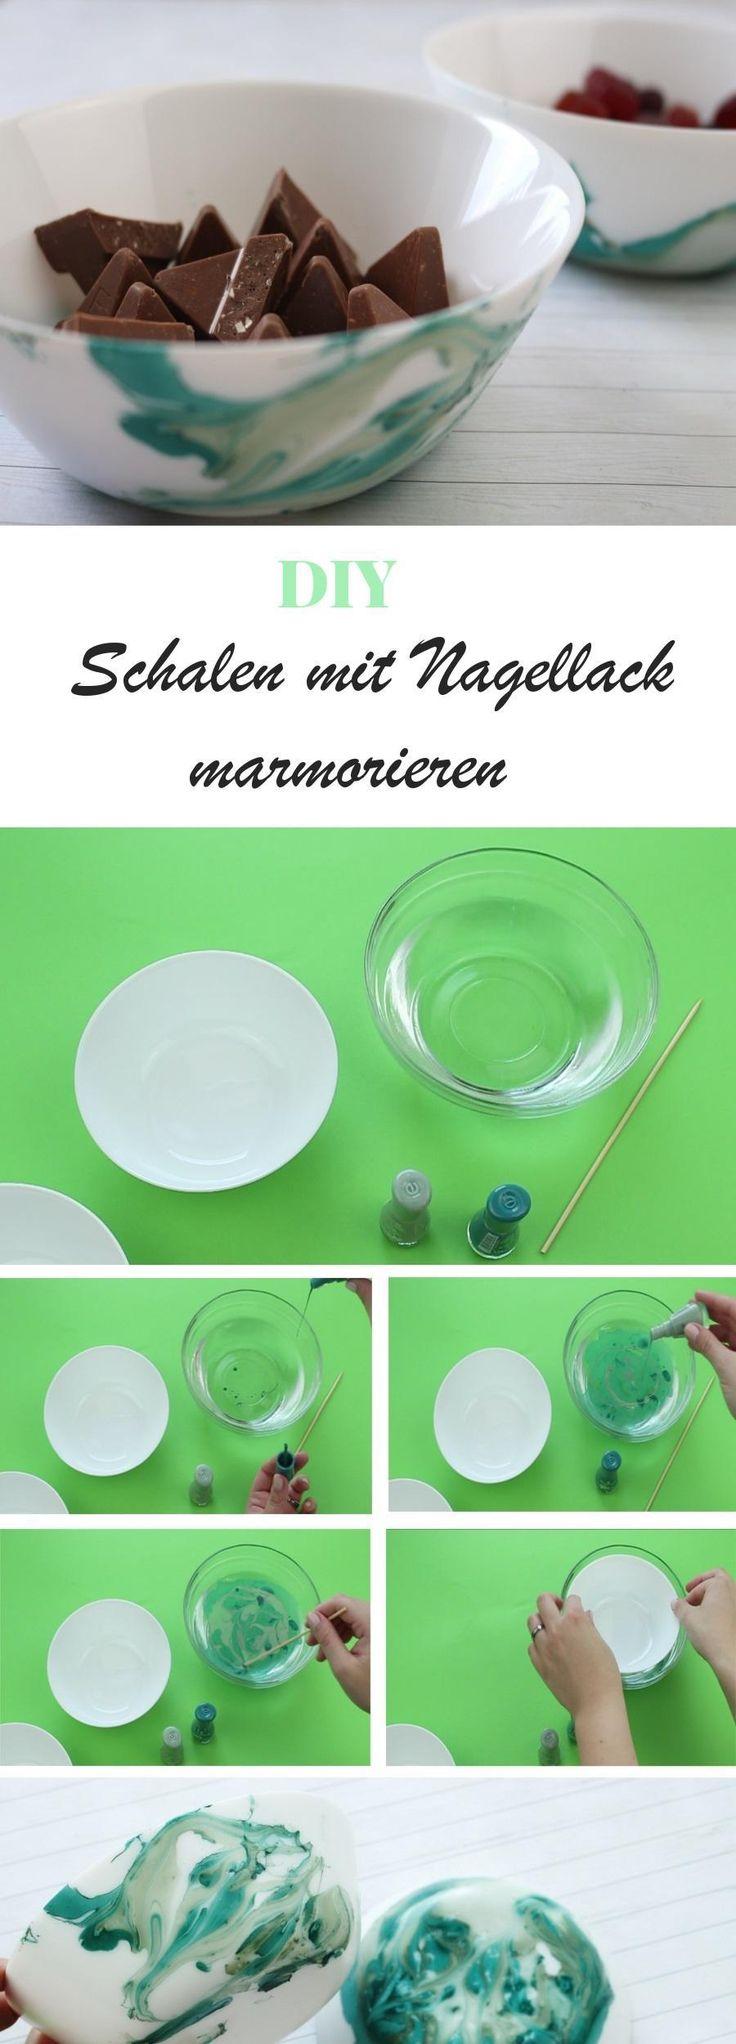 DIY Schalen mit Nagellack mamorieren | DIY Deko | Geschirr mamorieren - auf riamarleen.de findest du die ausführliche Anleitung.